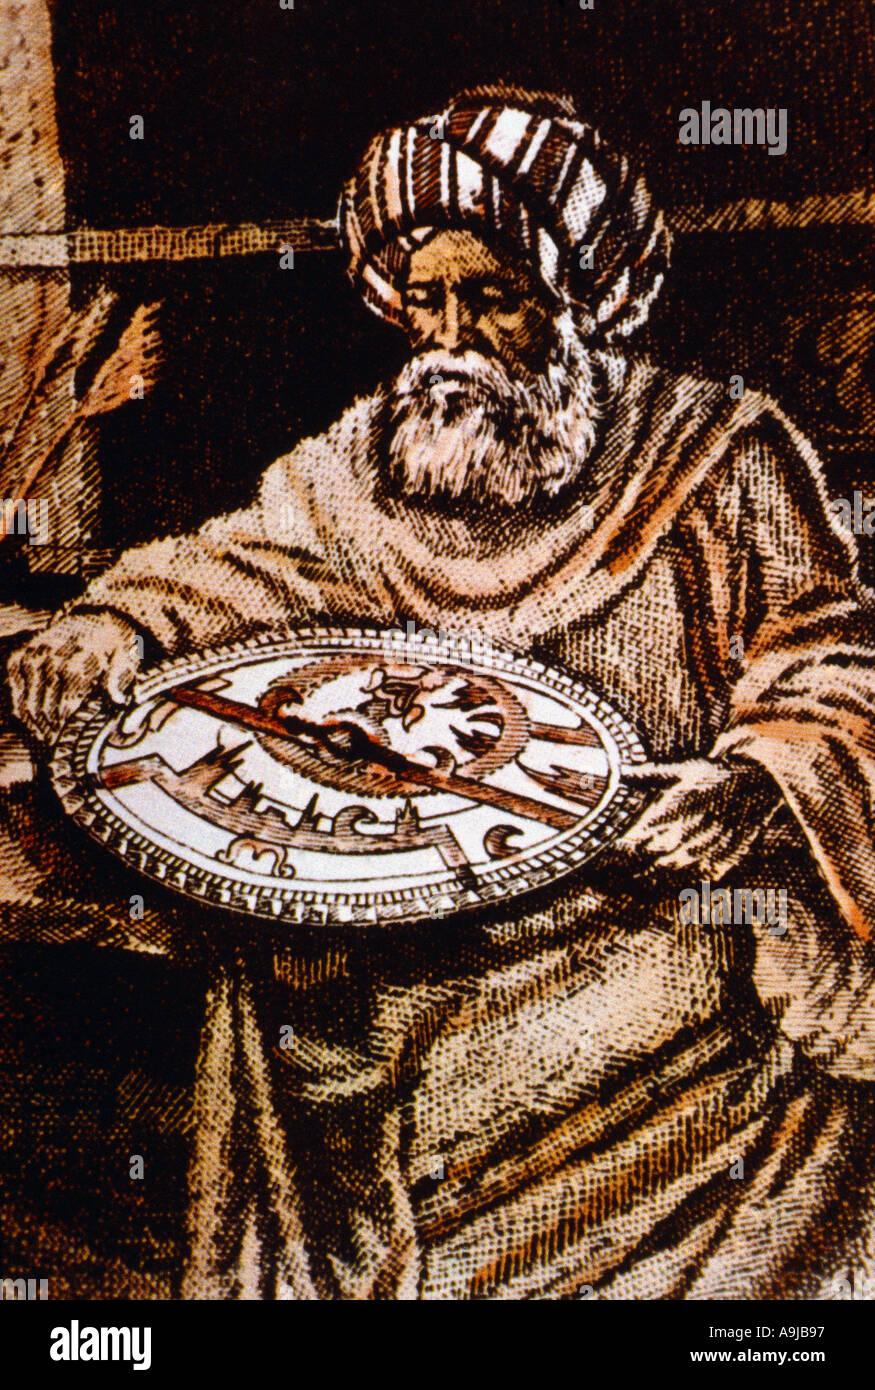 Abu Abdullah Al battani 858 929 Ad Astronomer Astrologer Abu Abdullah Muhammad Ibn Jabir Ibn Sinan Al battani Al harrani Born - Stock Image